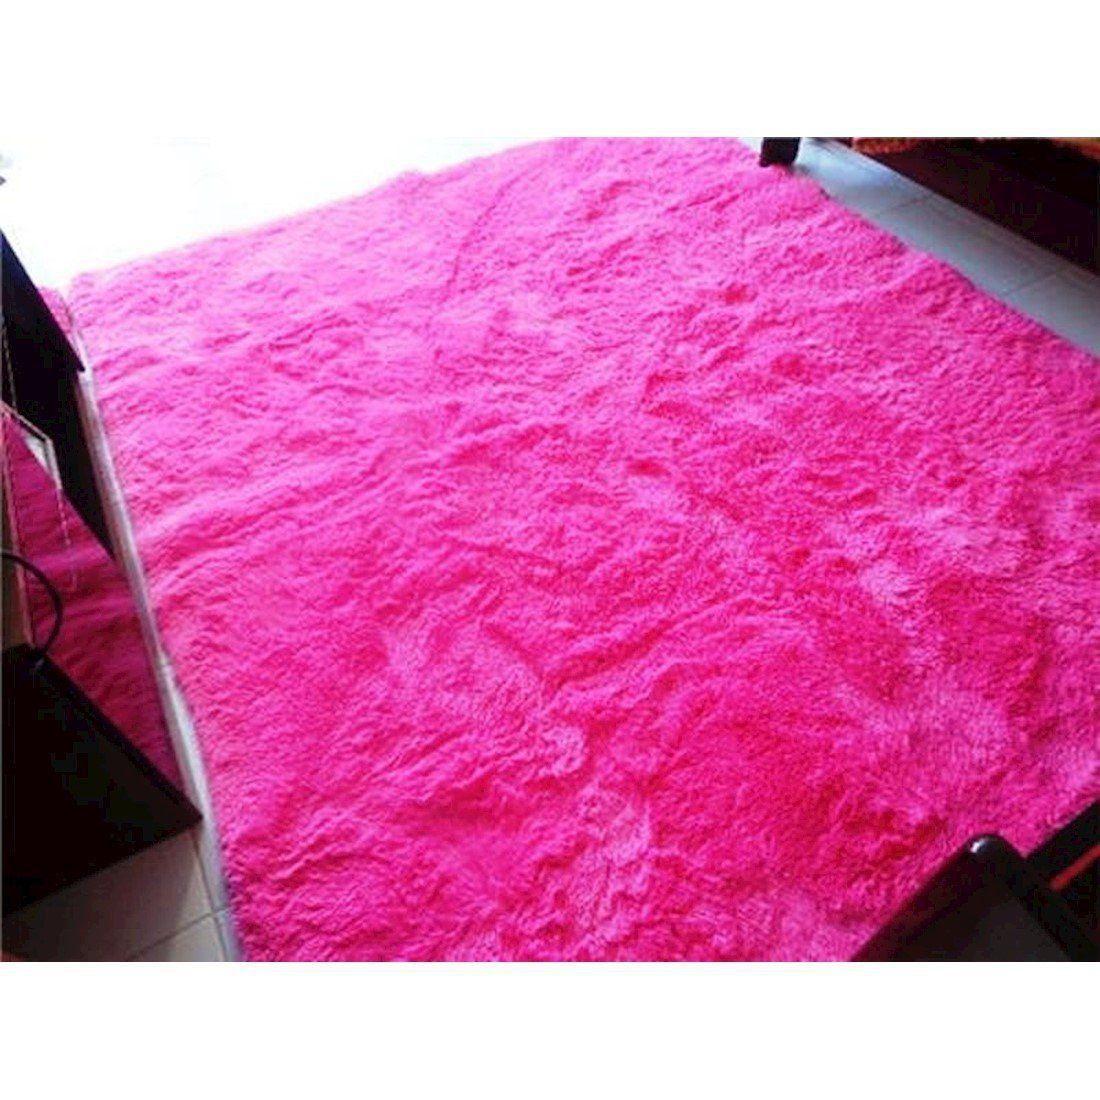 Tapete Peludo Apolo 150x200 Pink| Prata Têxtil